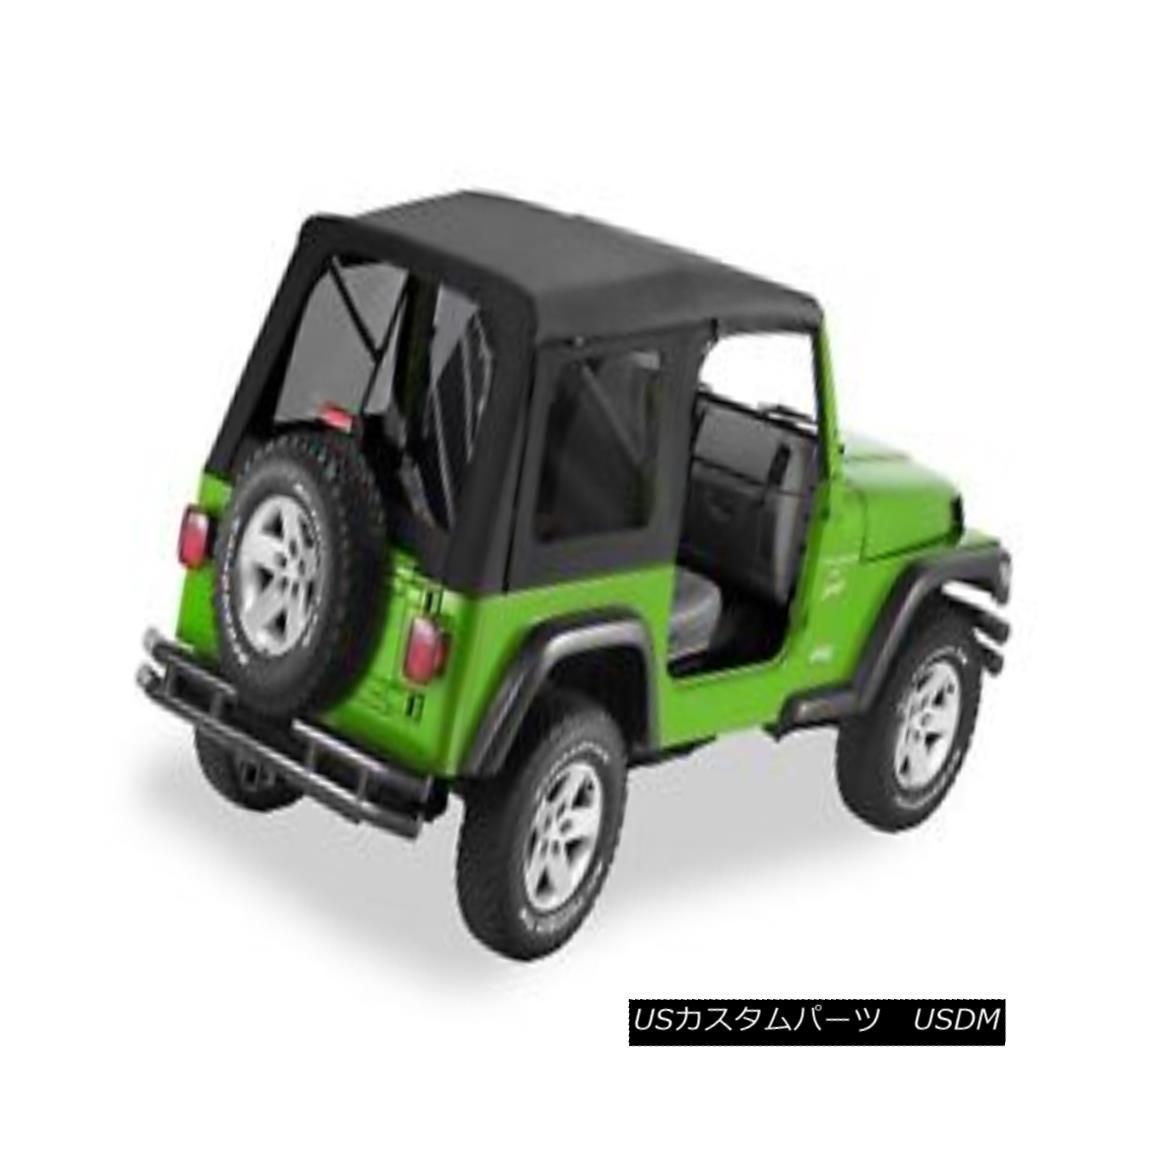 幌・ソフトトップ Bestop 54709-35 Jeep Supertop Classic Replacement Soft Top Black Diamond Bestop 54709-35ジップスーパートップクラシック交換ソフトトップブラックダイヤモンド